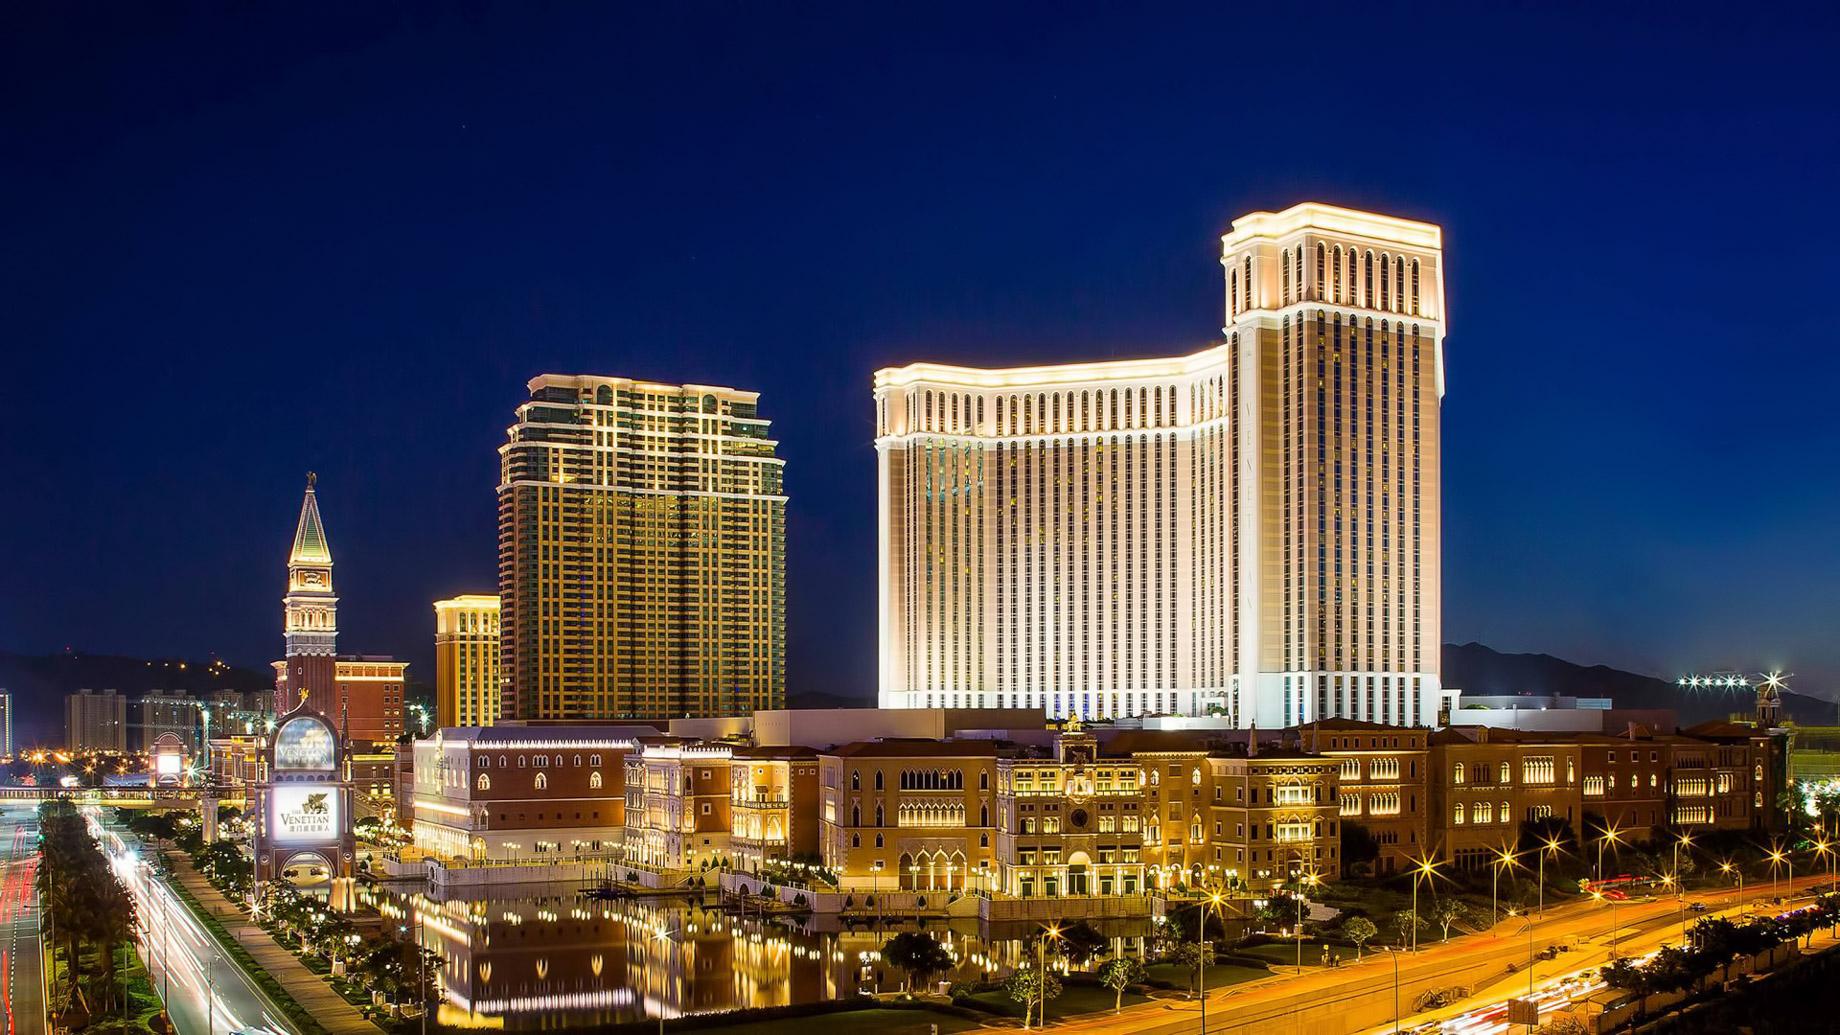 The Venetian Macao Resort Hotel Casino - China